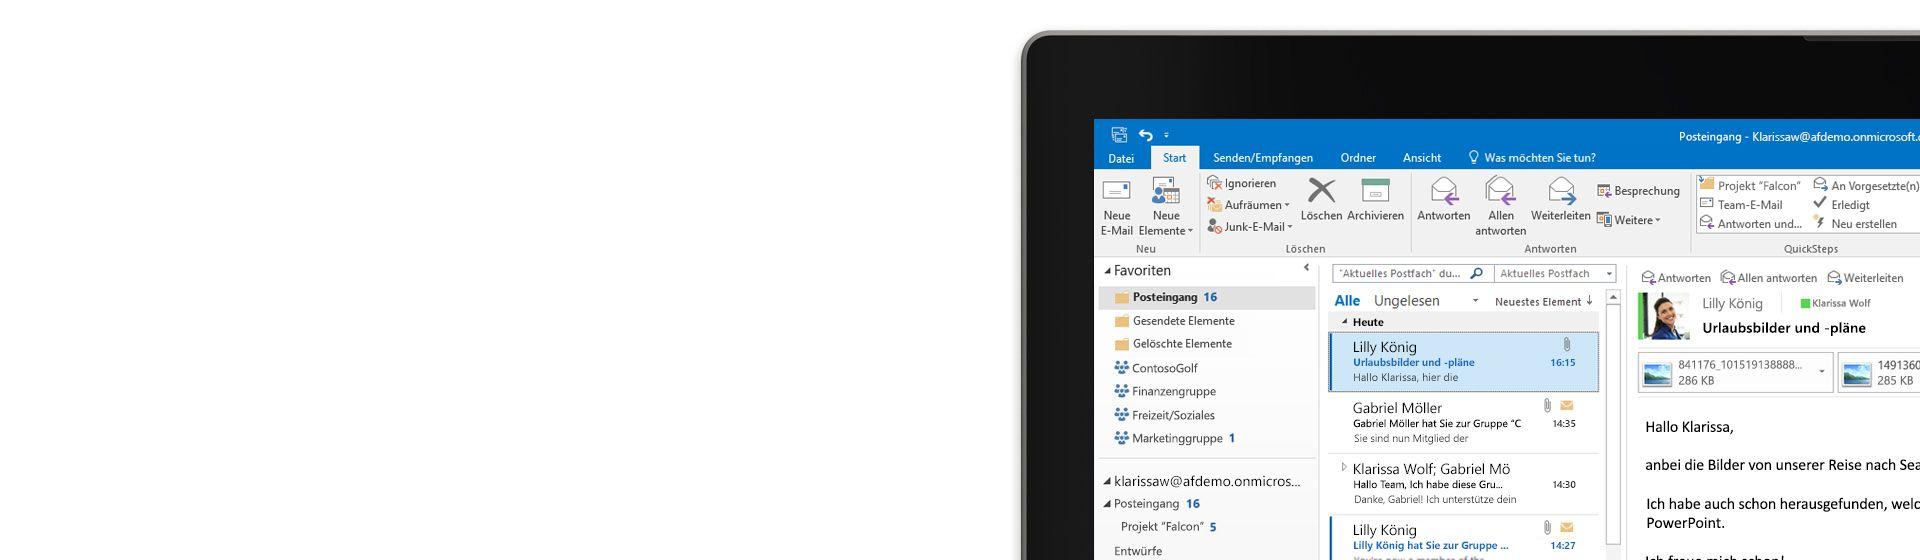 Ausschnitt der Desktopversion von Microsoft Outlook